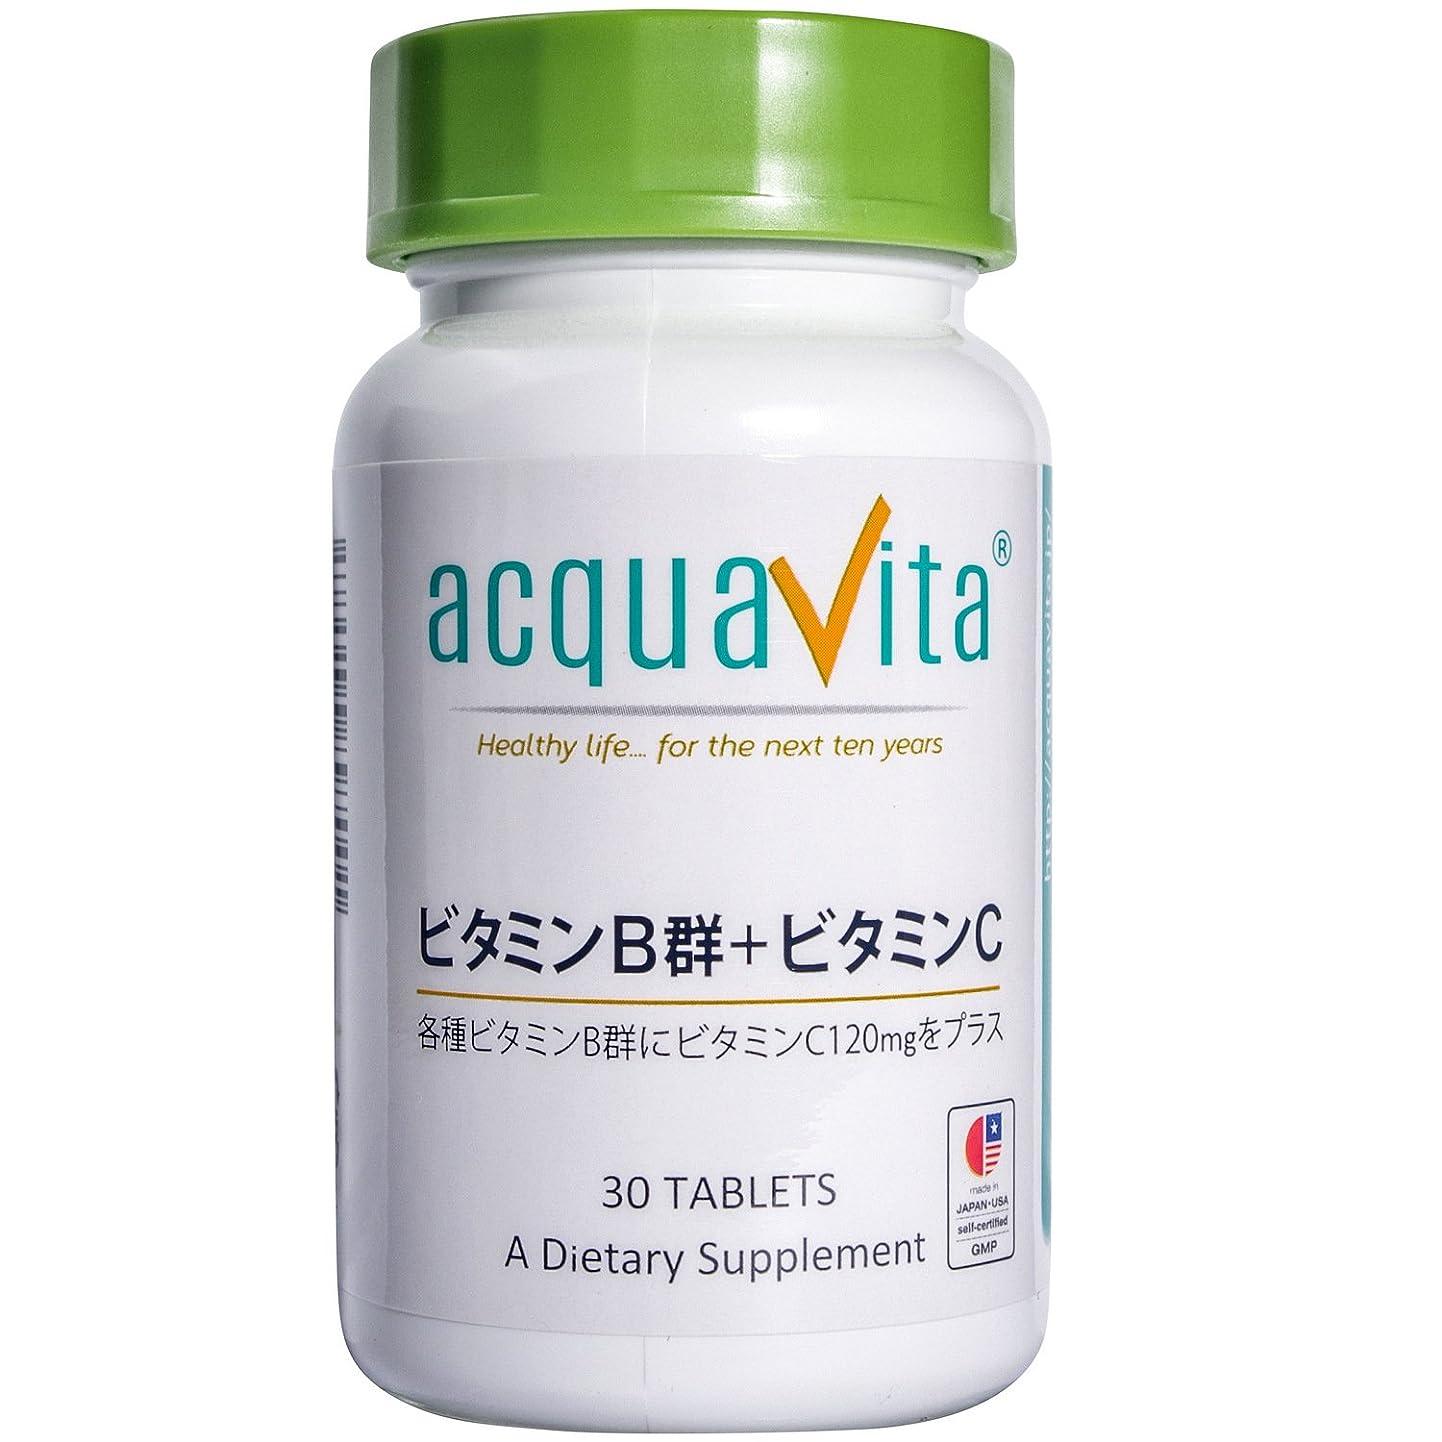 満了メールグラディスacquavita(アクアヴィータ)  ビタミンB群+ビタミンC 30粒